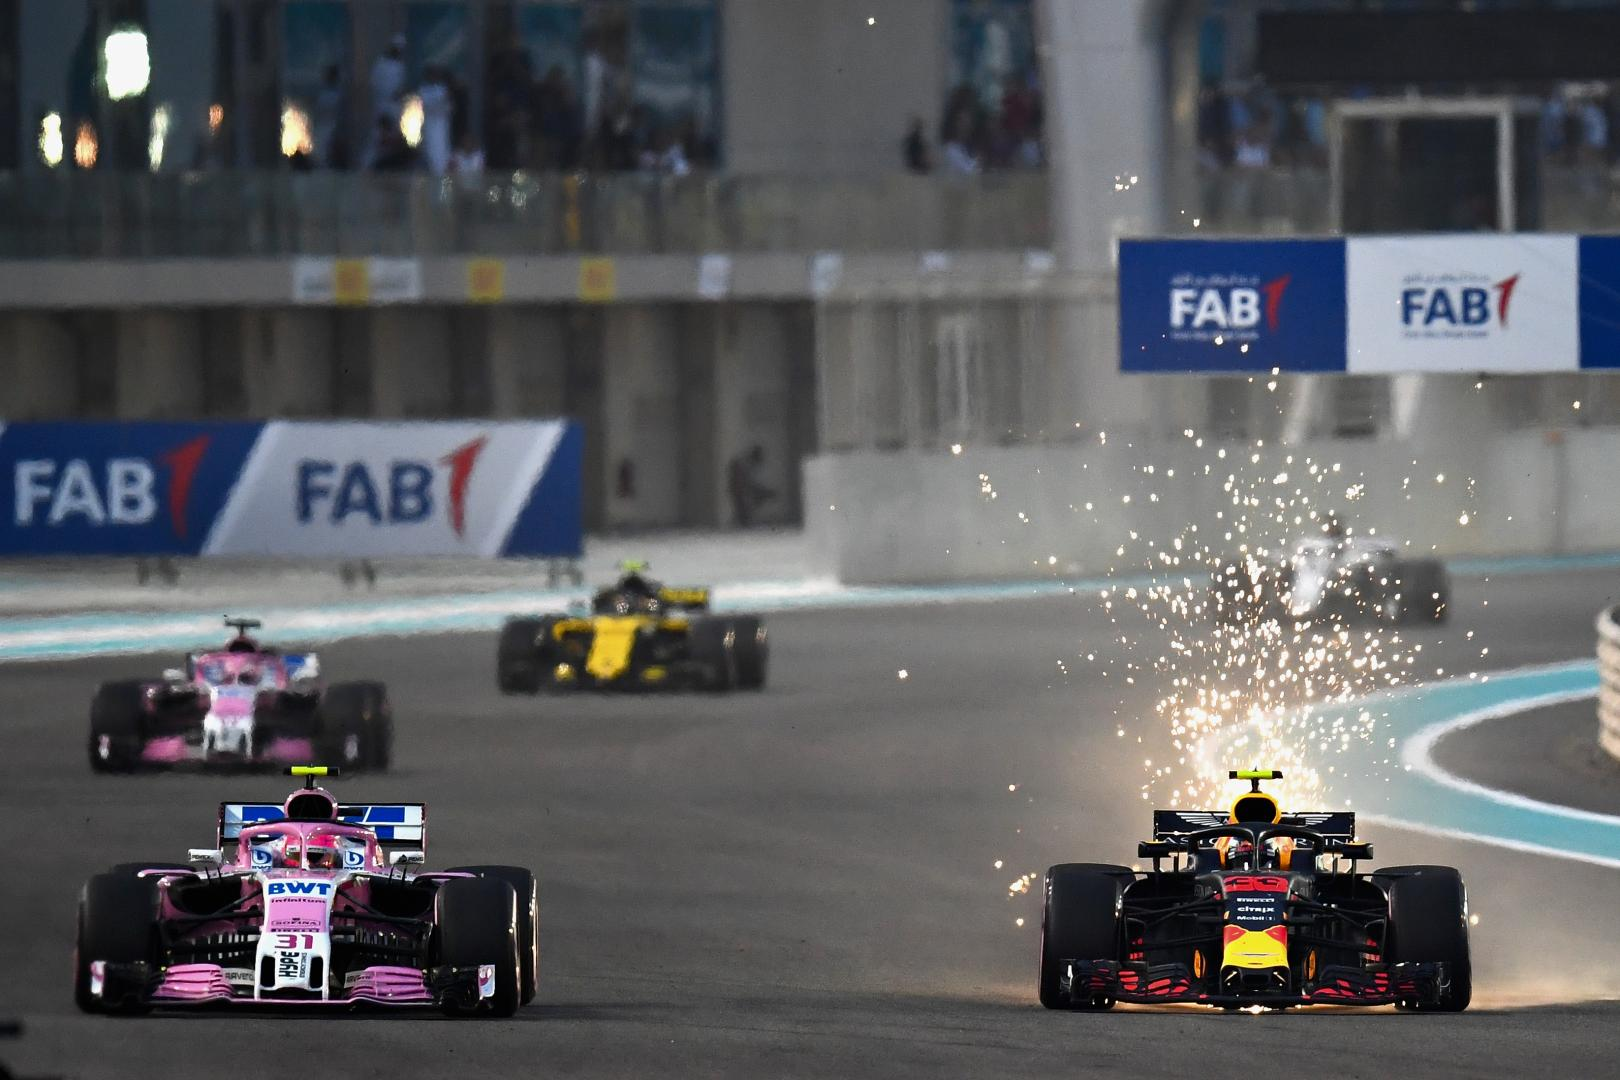 Uitslag van de GP van Abu Dhabi 2018